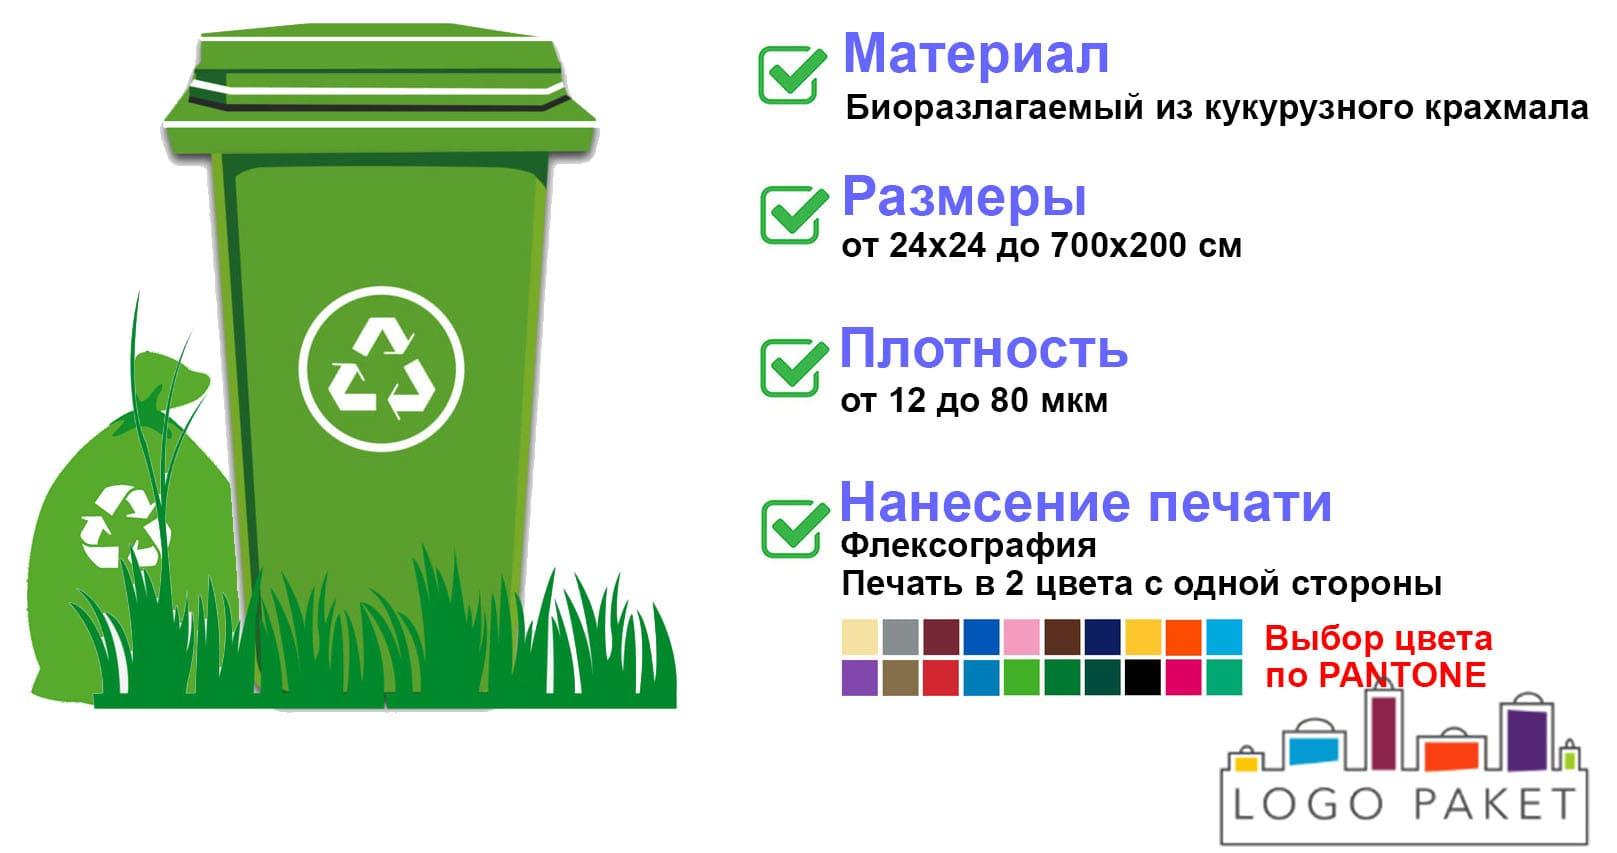 Пакеты для мусора биоразлагаемые инфографика